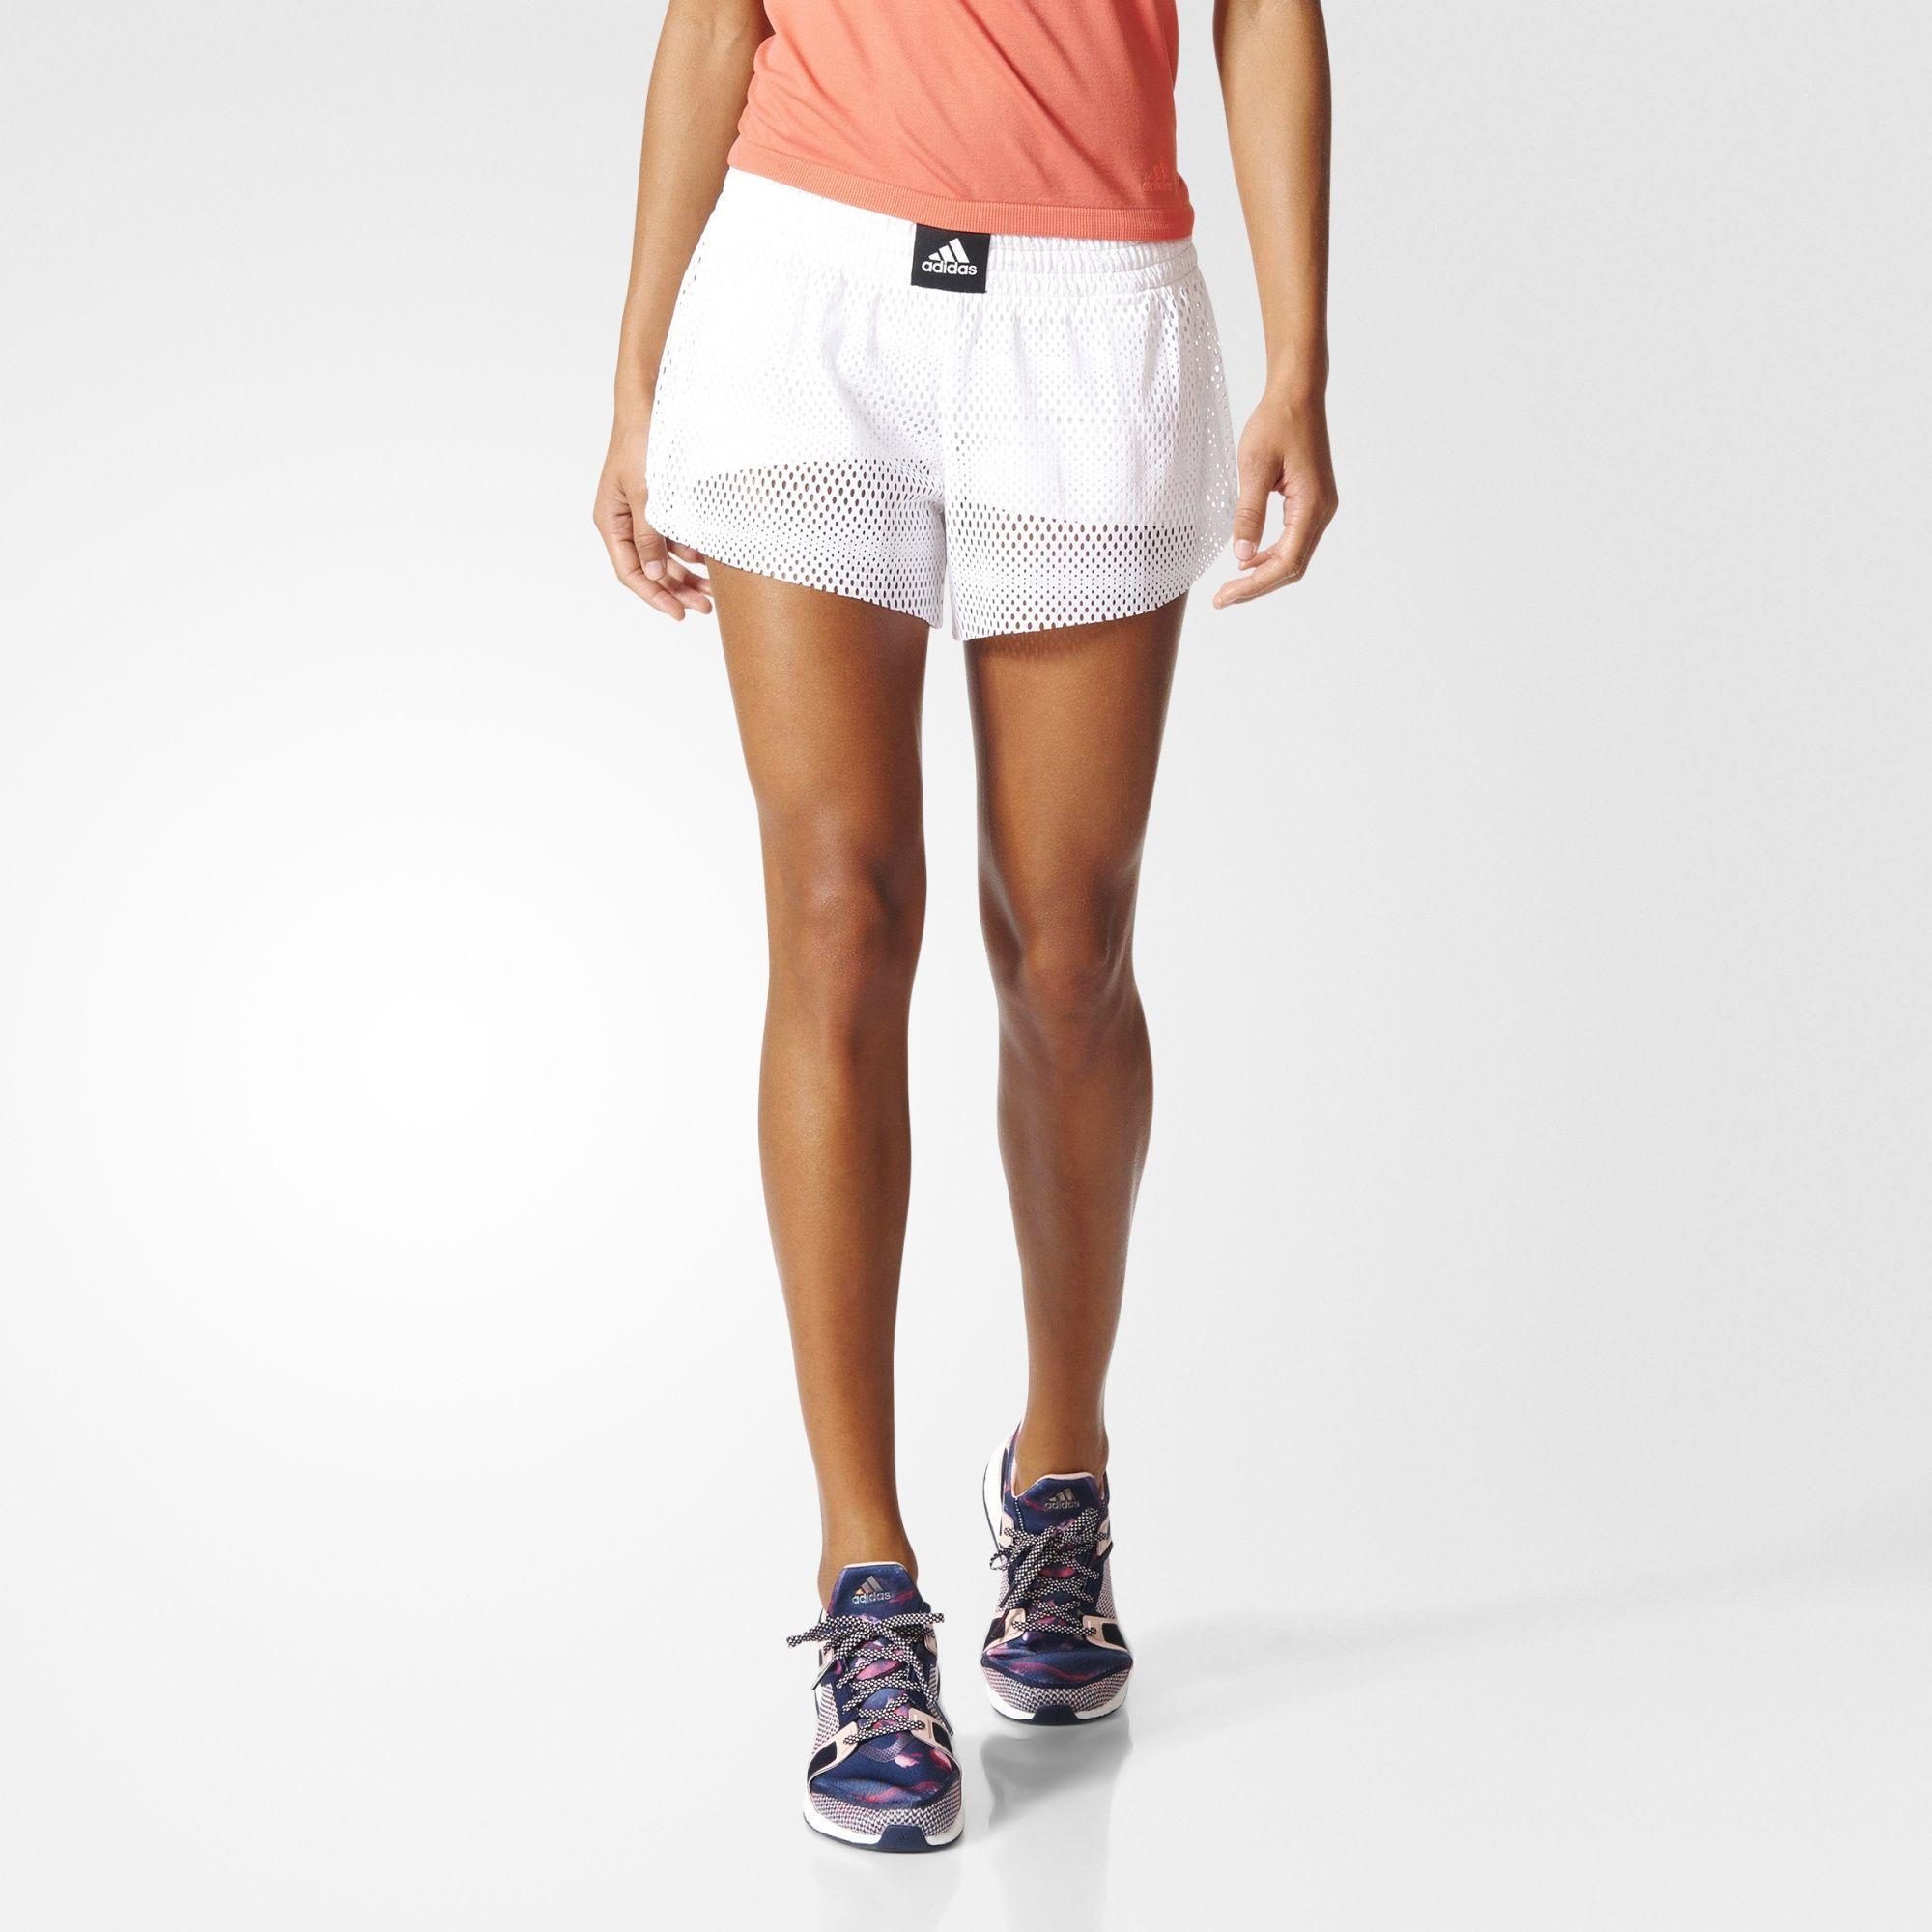 Adidas Two In One Mesh Shorts Pantalones Adidas Adidas Mujer Pantalones Cortos